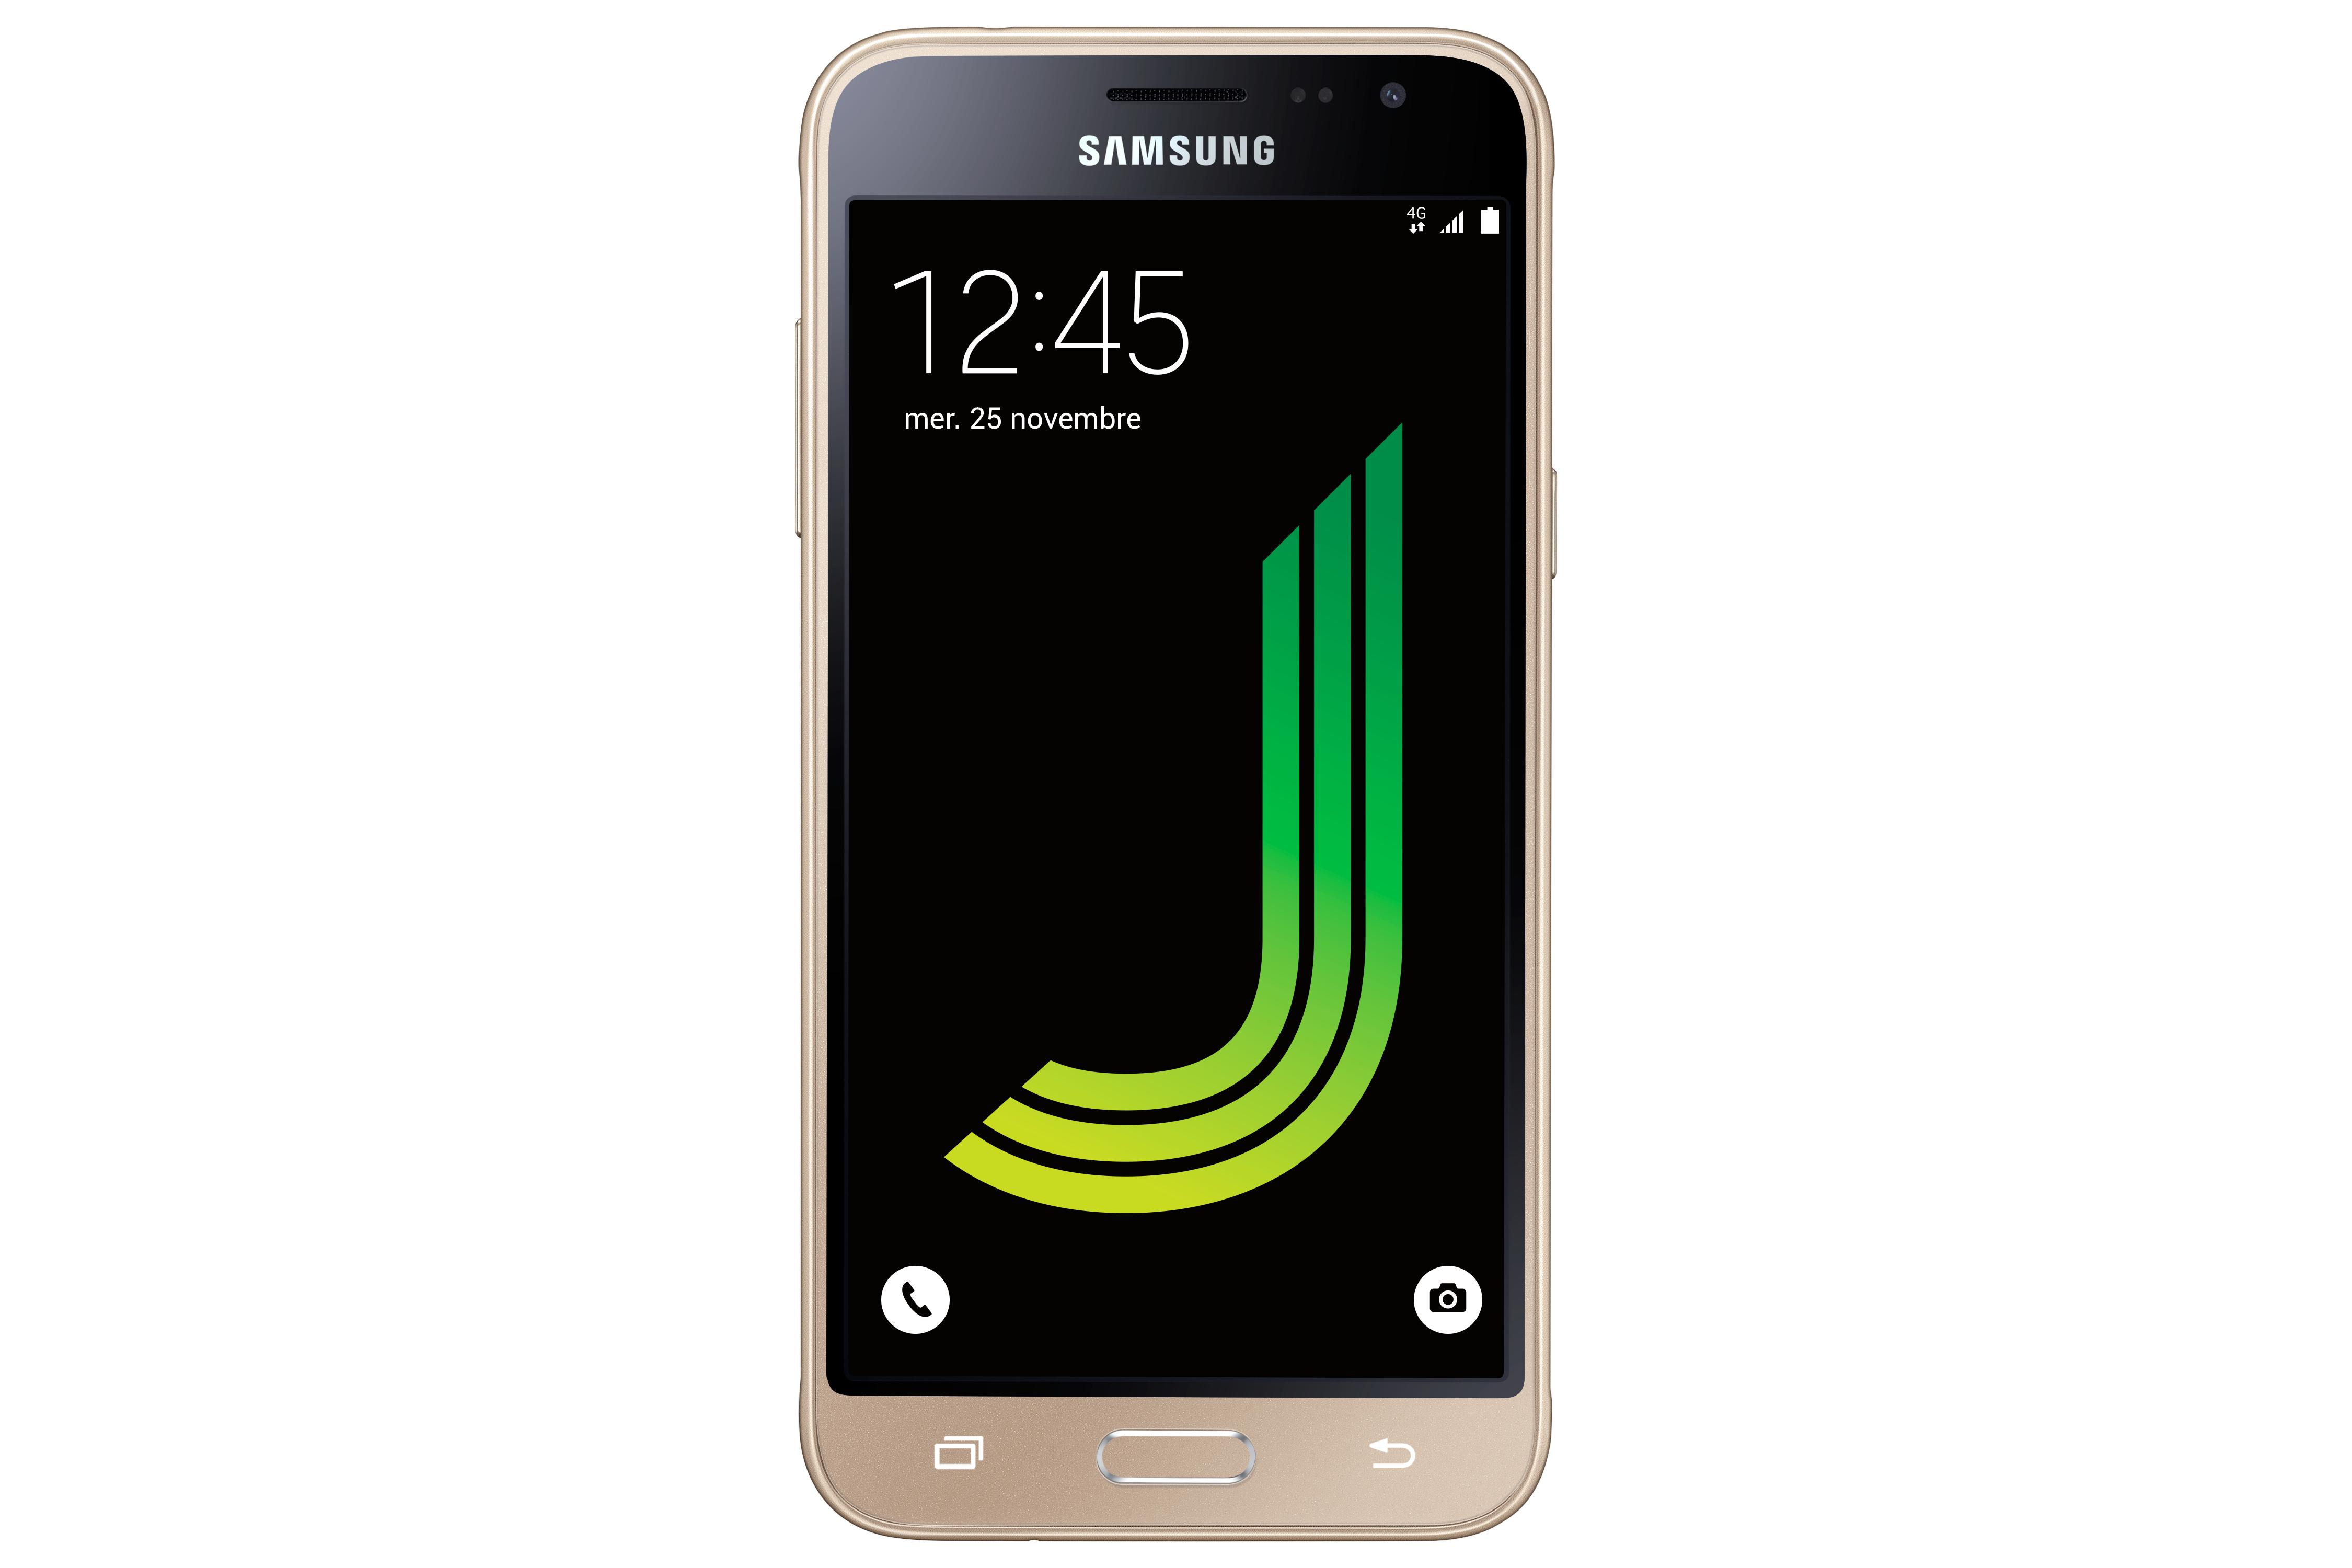 Galaxy J3 2016 - Or